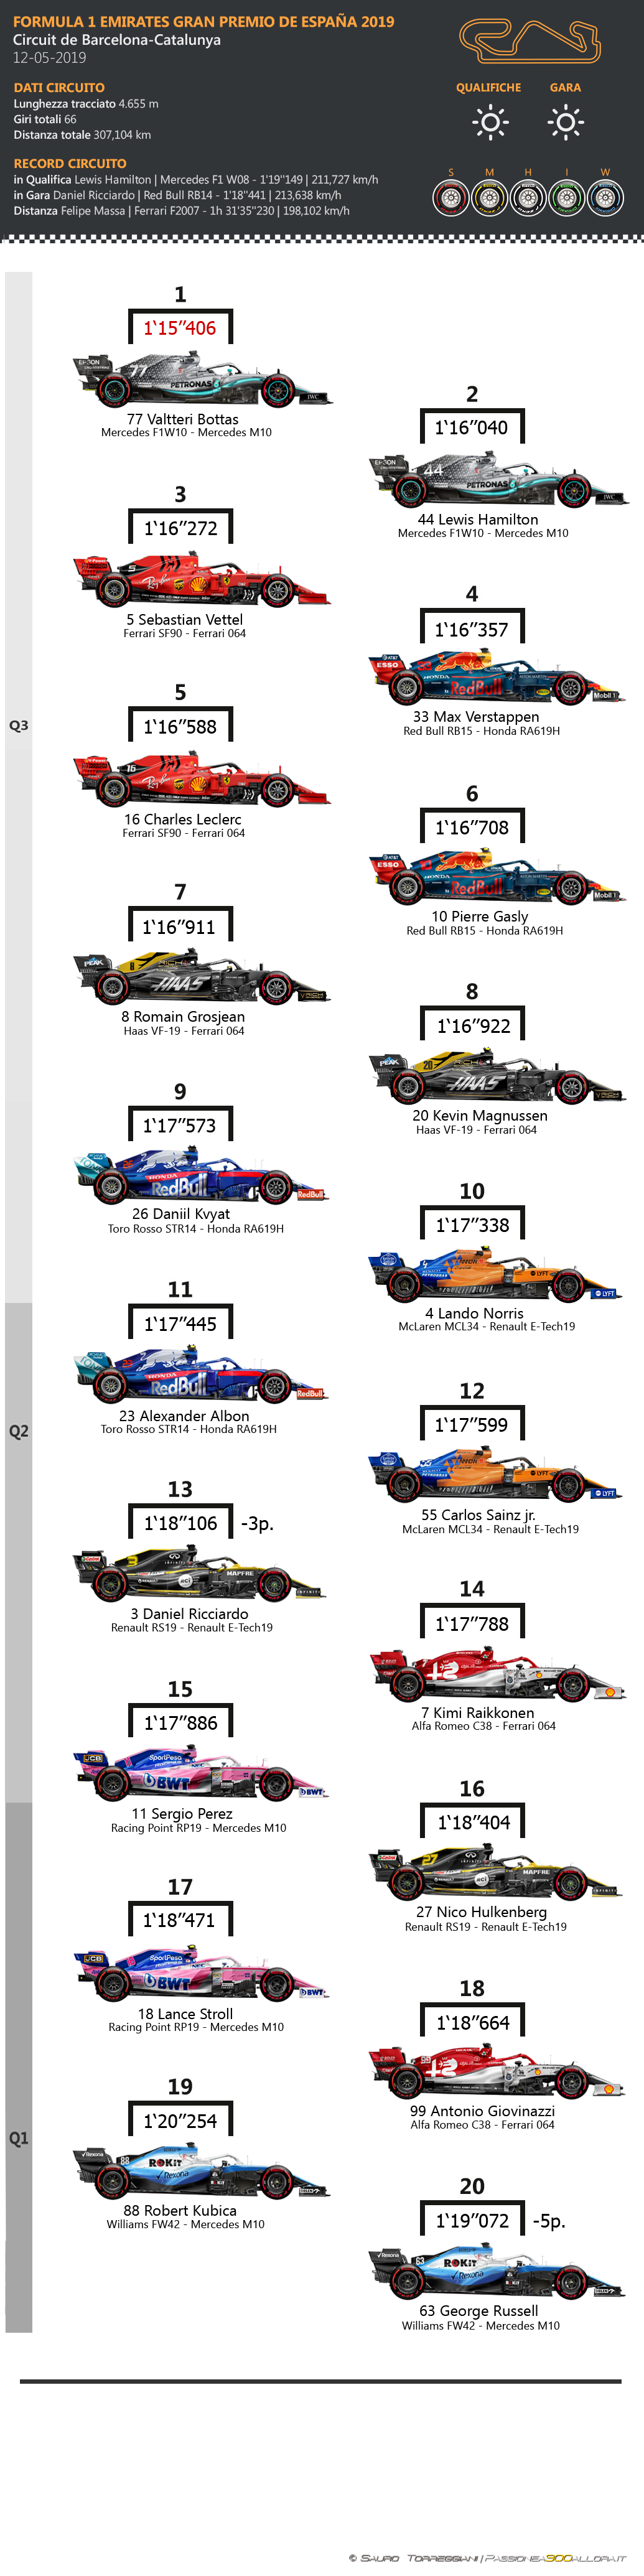 F1 | GP di Spagna 2019: griglia di partenza, penalità e set a disposizione 1